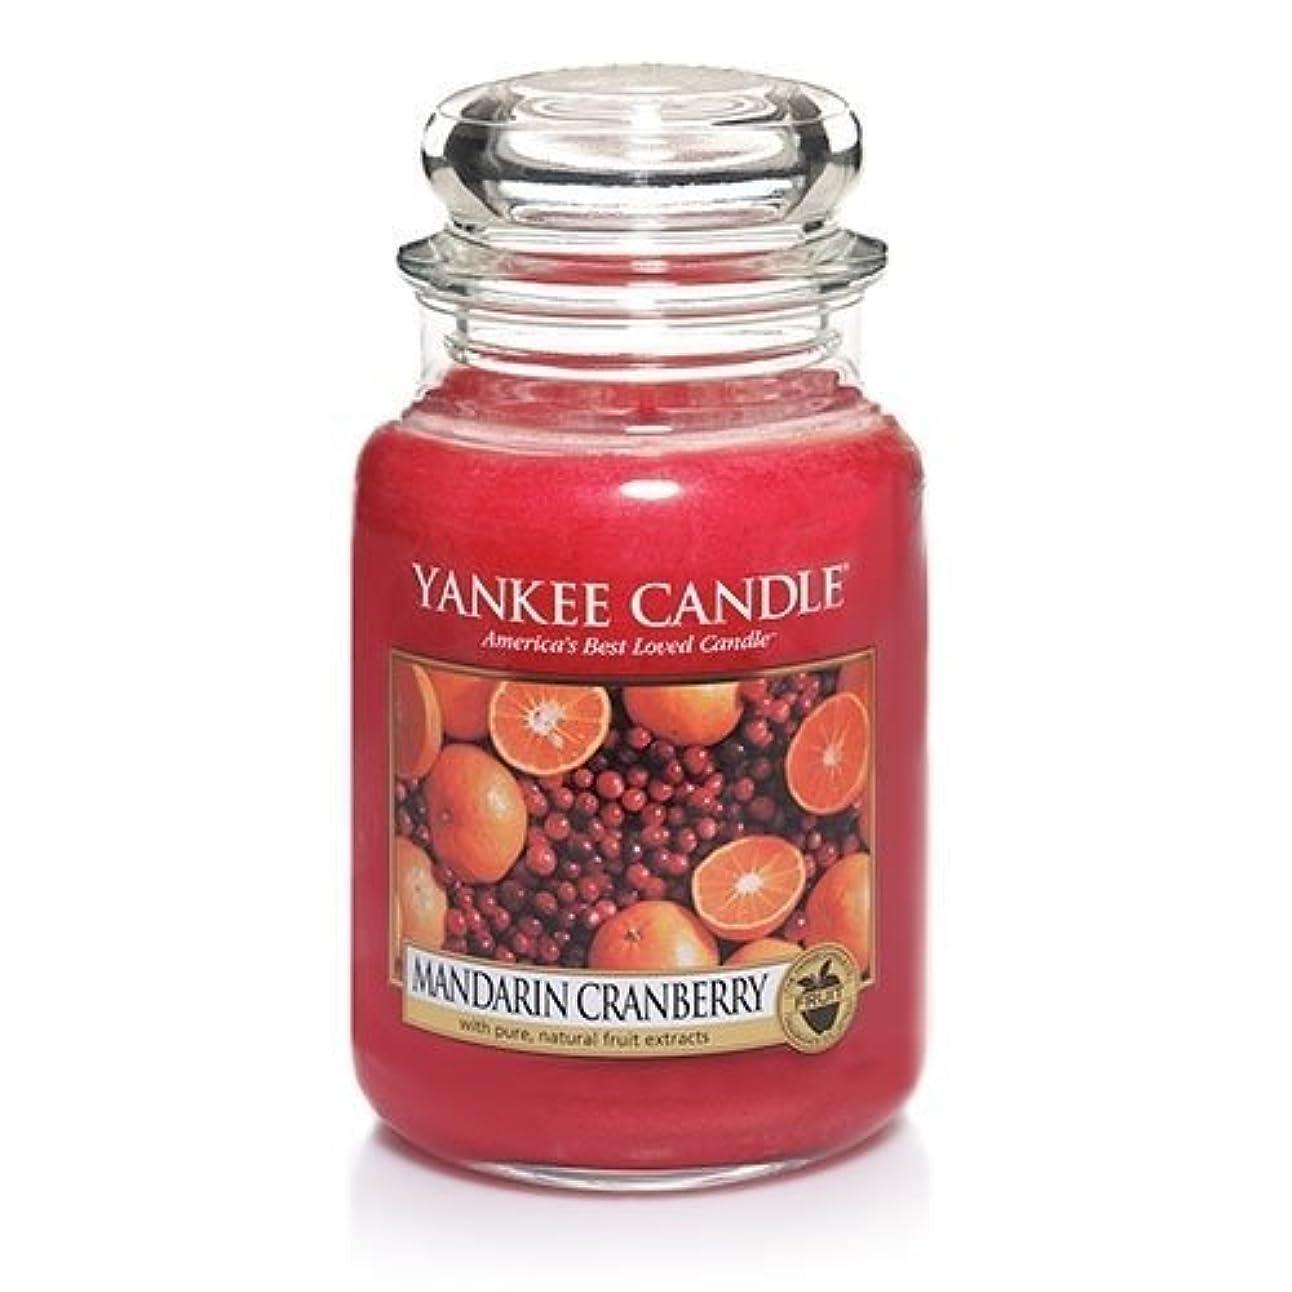 単位カポック集めるMandarin Cranberry Large Scented Jar by Yankee Candle [並行輸入品]